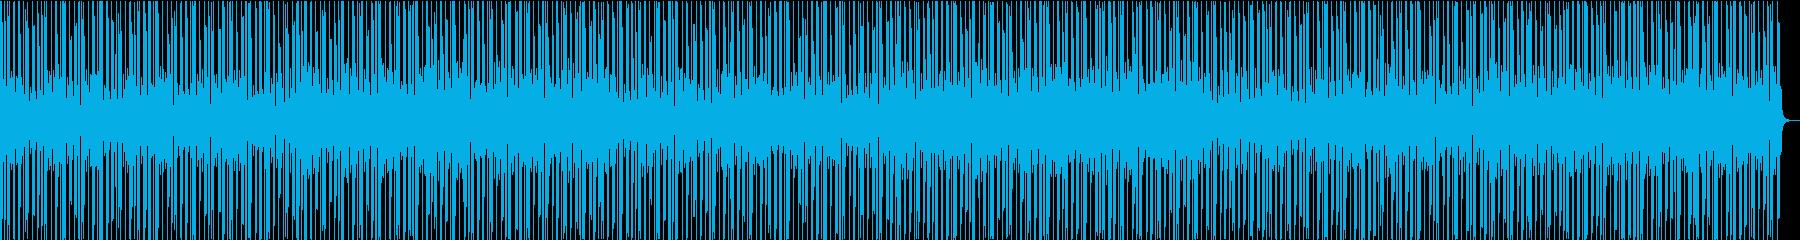 企業VP・ほのぼの・トーク・告知・説明の再生済みの波形